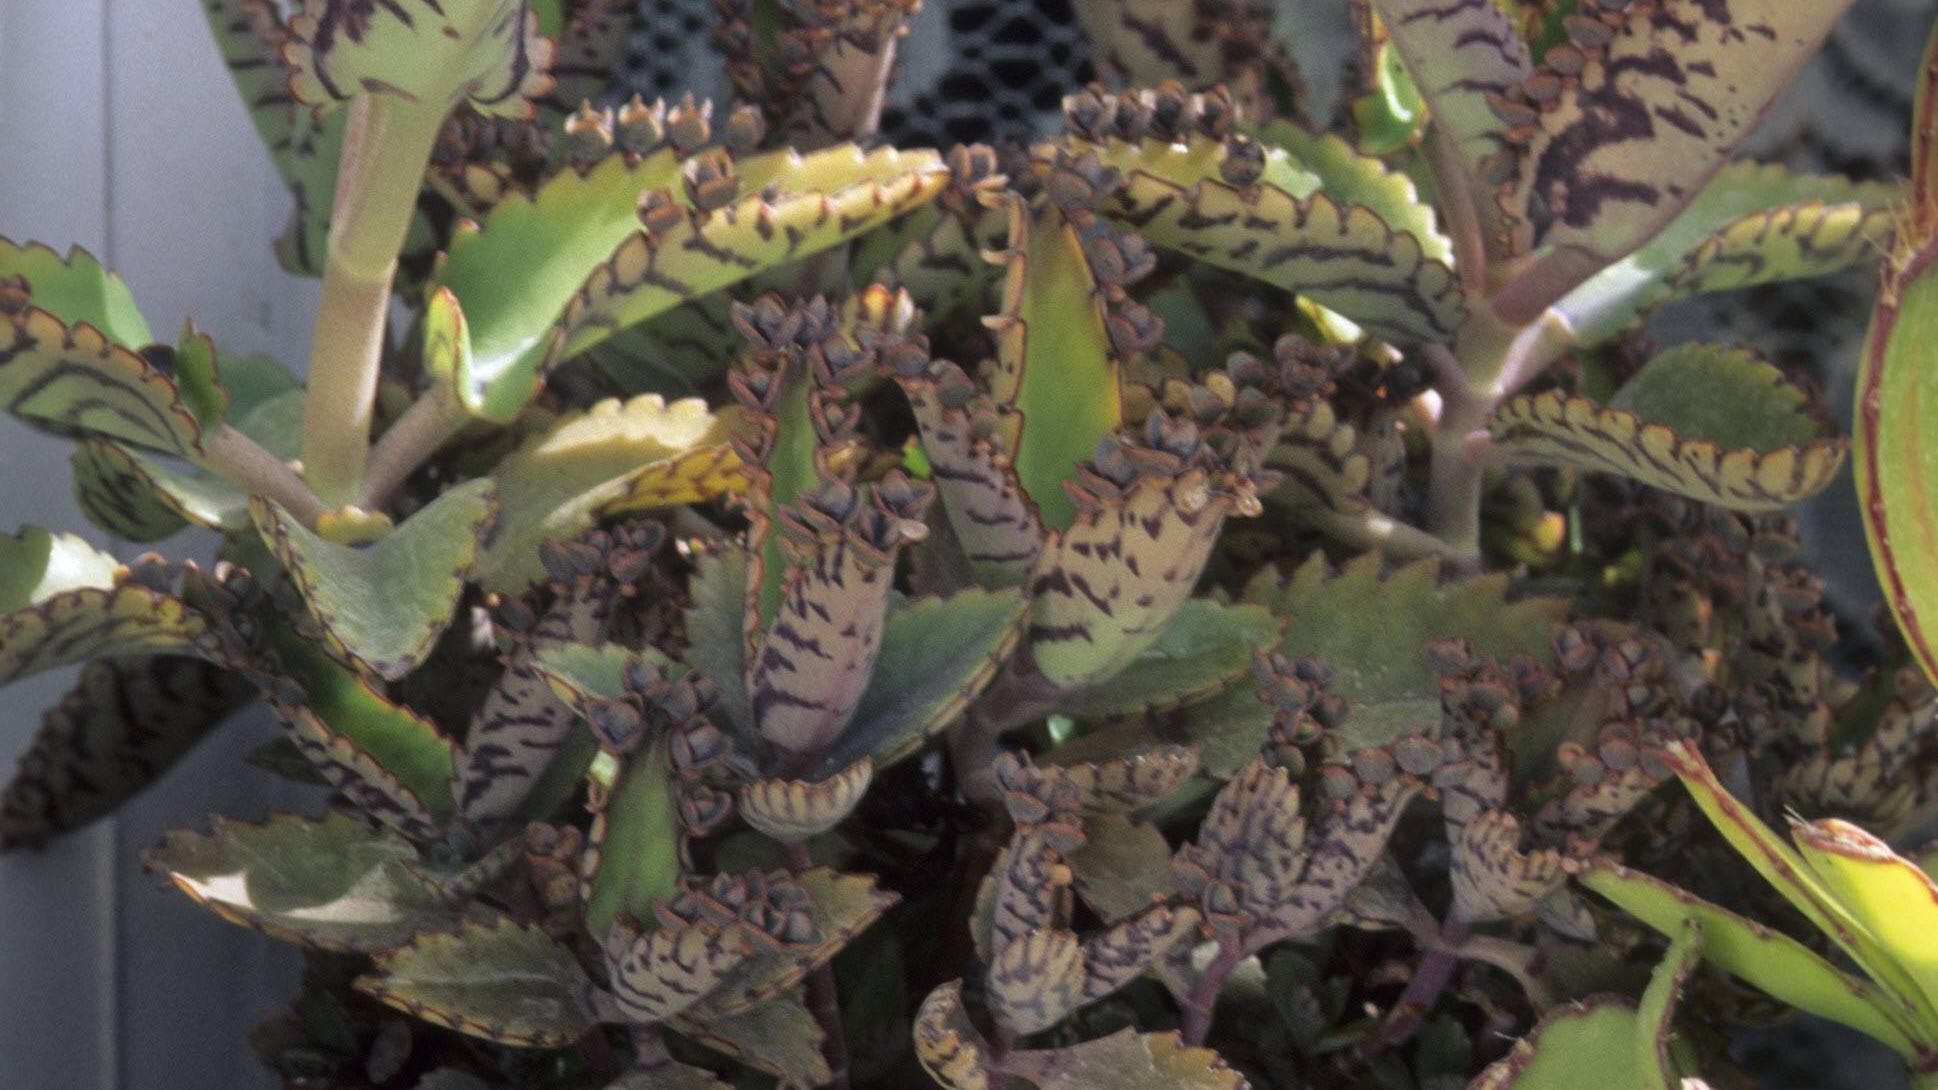 Pflege und Vermehrung des Brutblatts sind sehr unkompliziert.